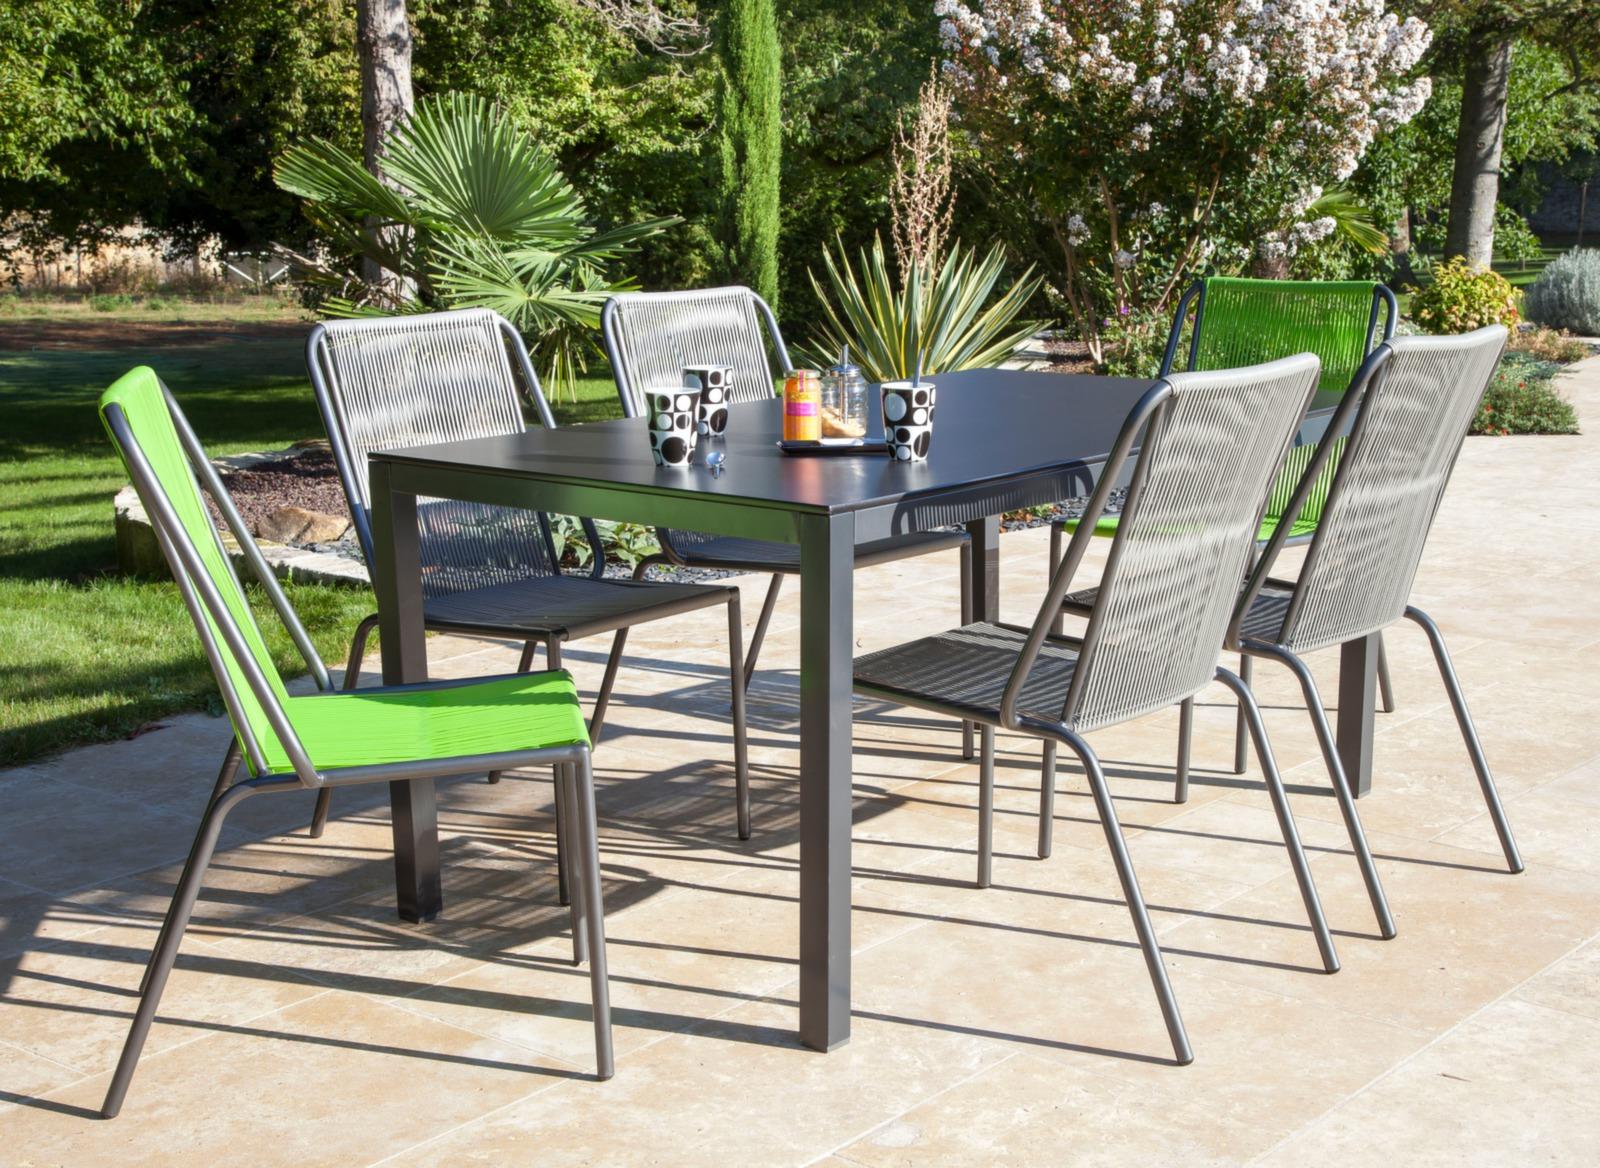 chaise spaghetti lime chaises et fauteuils de jardin salon de jardin repas proloisirs. Black Bedroom Furniture Sets. Home Design Ideas